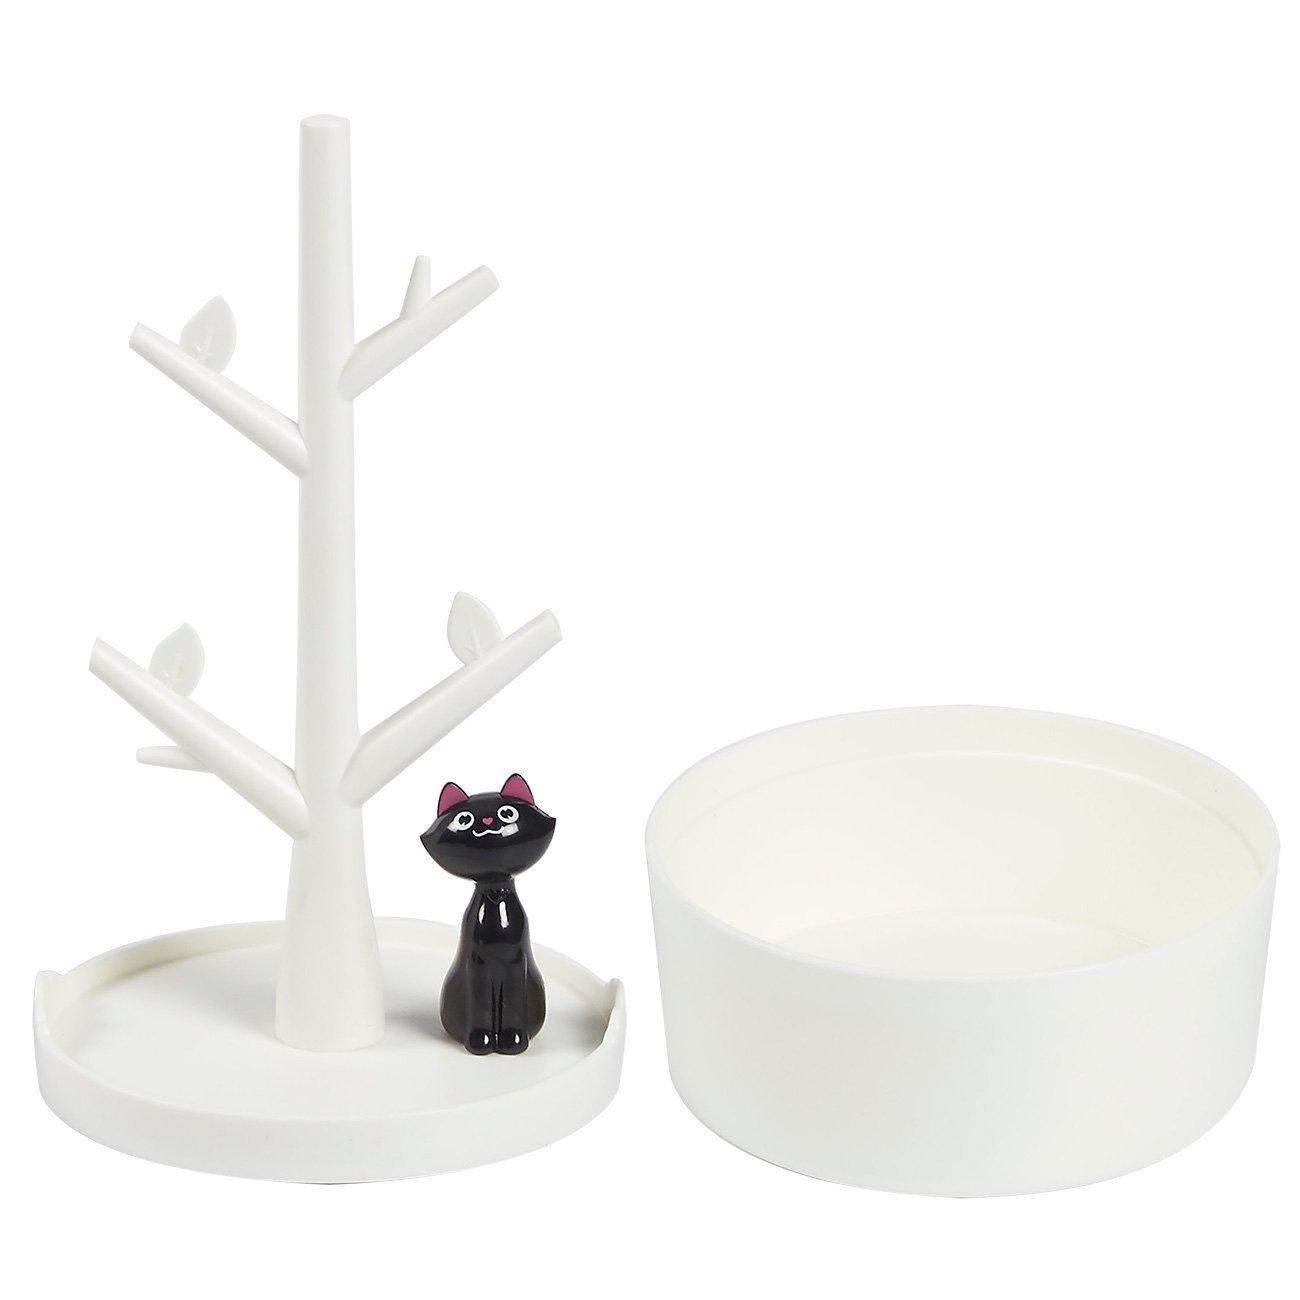 con gattino e albero per collane braccialetti orecchini Fantes elastici per capelli Scatolina portagioielli e organizer